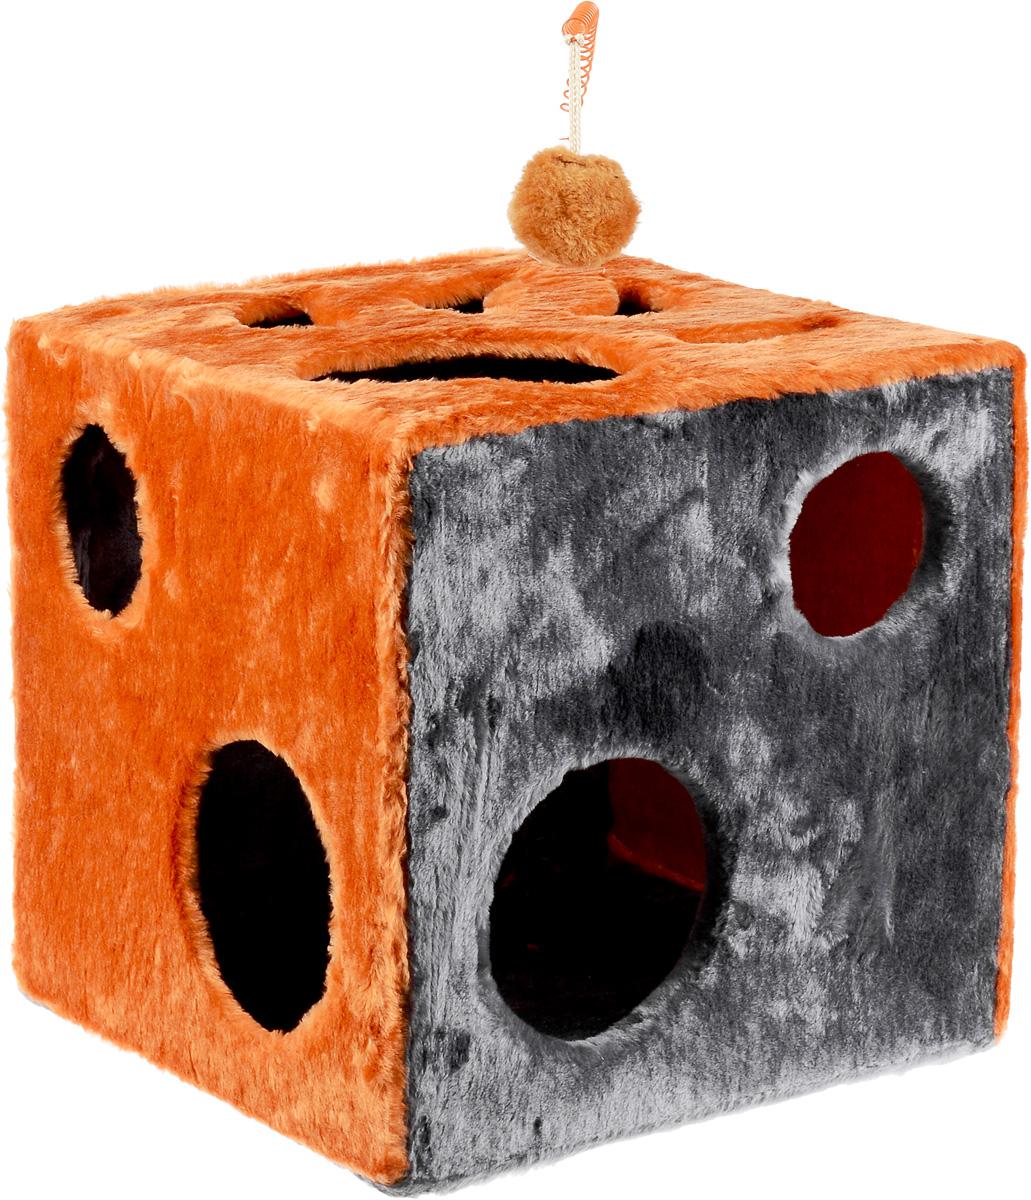 Домик для кошек ЗооМарк Кубик с лапкой, с игрушкой, цвет: оранжевый, серый, 42 х 42 х 42 см цена